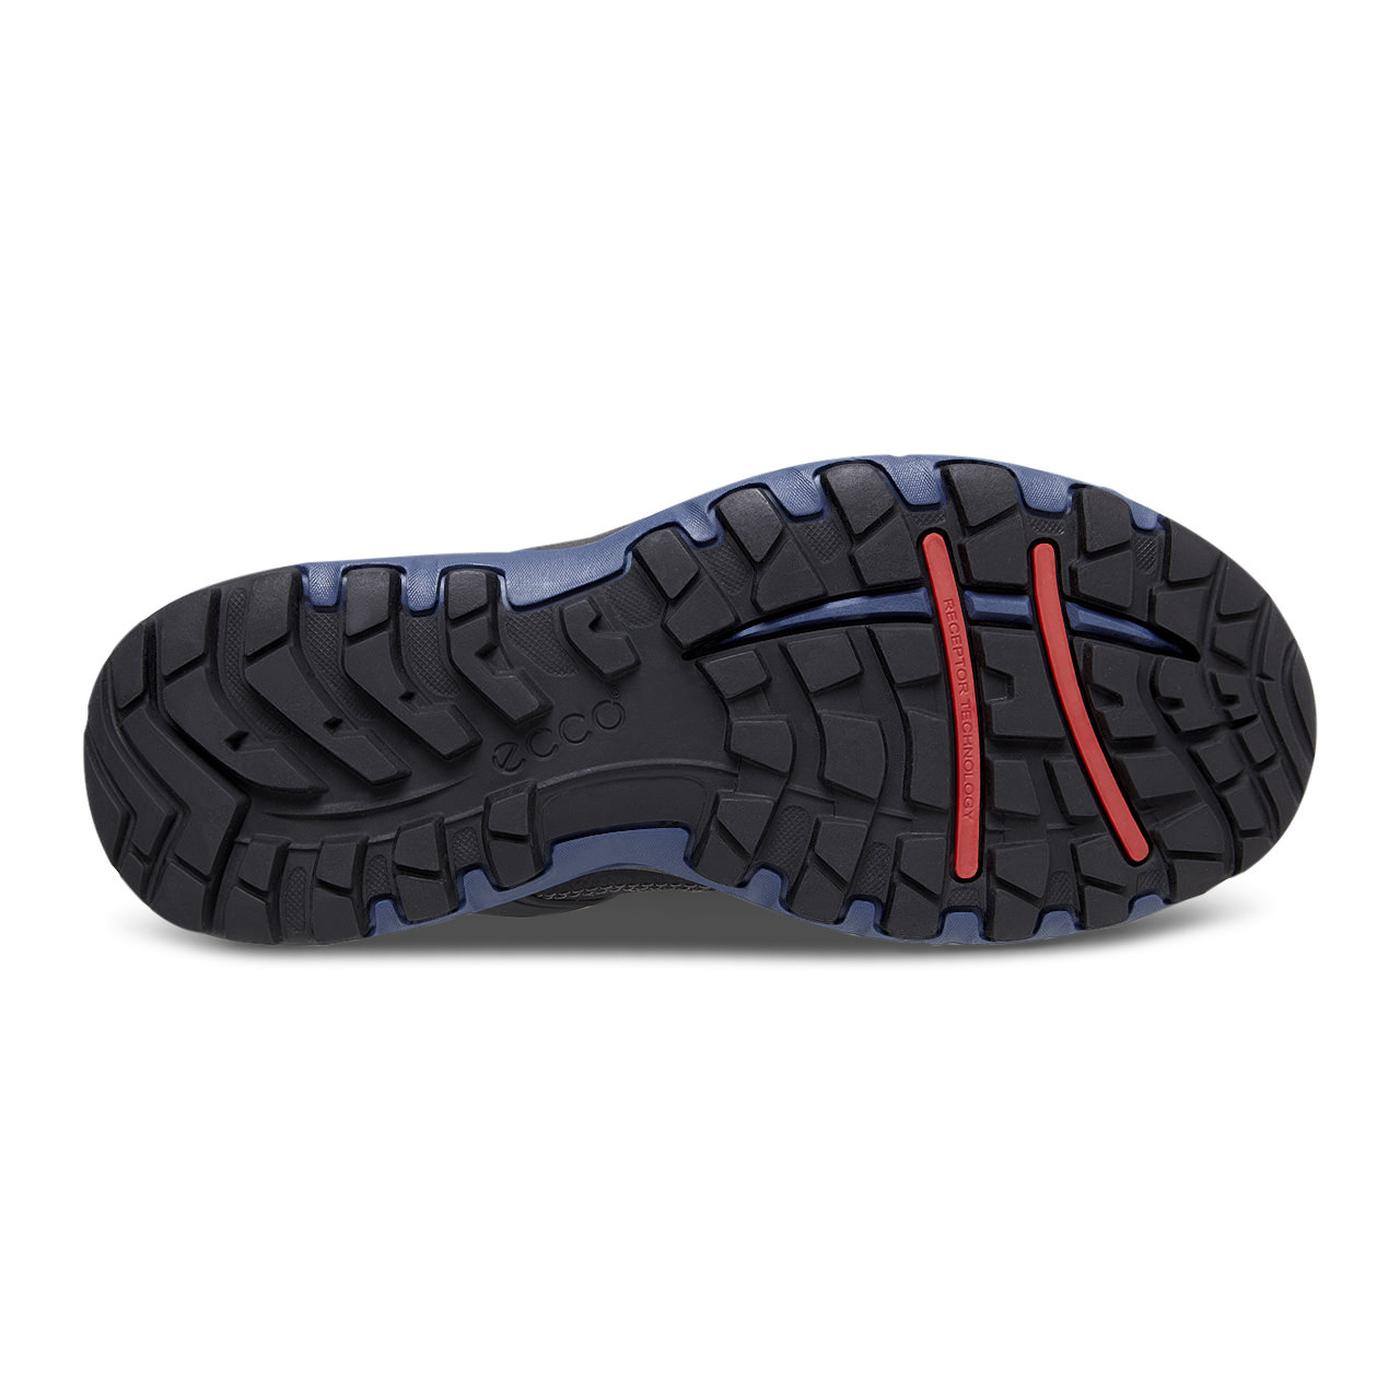 df5bf3c9e7a ECCO Mens Ulterra Dhaka Mid | Men's Boots | ECCO® Shoes